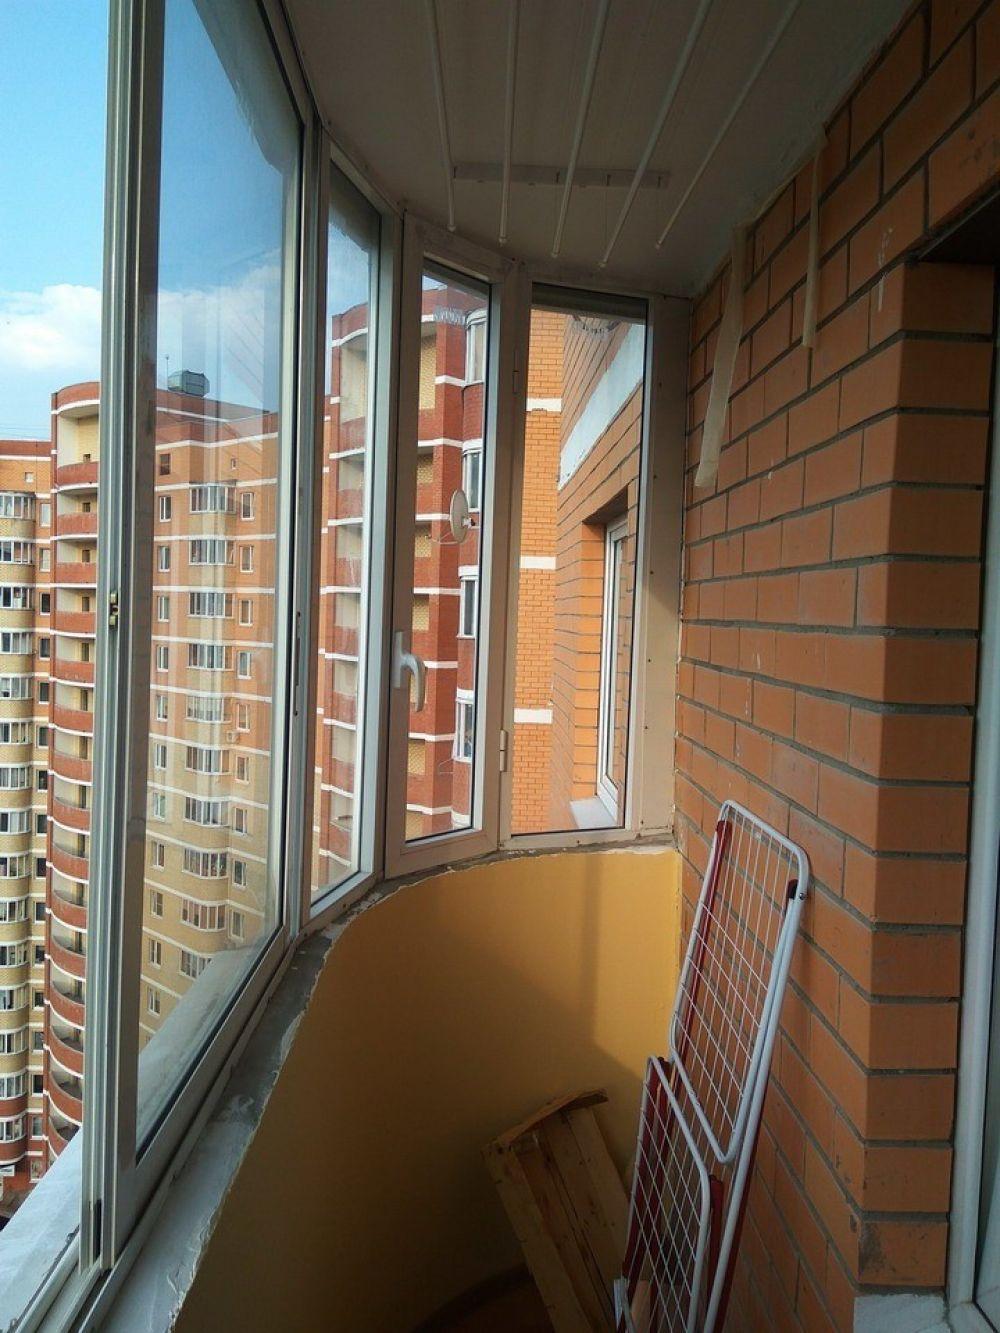 Однокомнатная квартира улучшенной планировки 47.6 м2, г. Щелково, Богородский мкр,10, фото 12